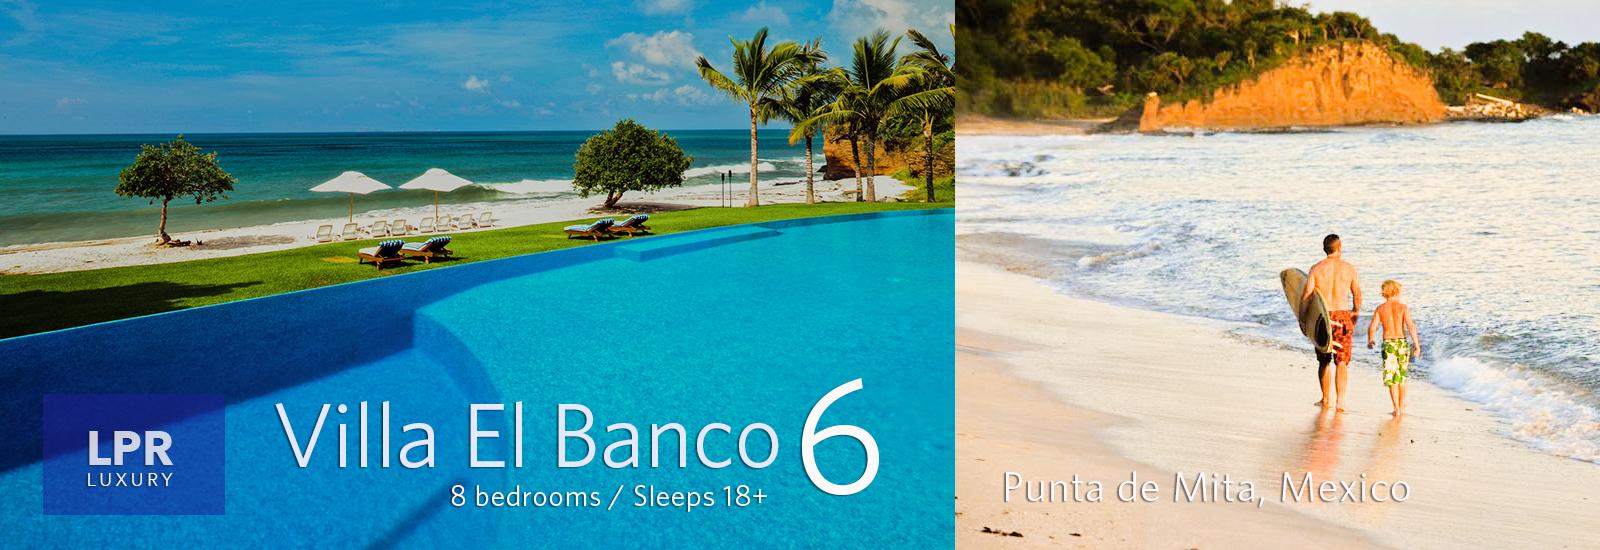 Villa El banco 6 - Luxury Punta de Mita Vacation Rentals - Puerto Vallarta, Mexio